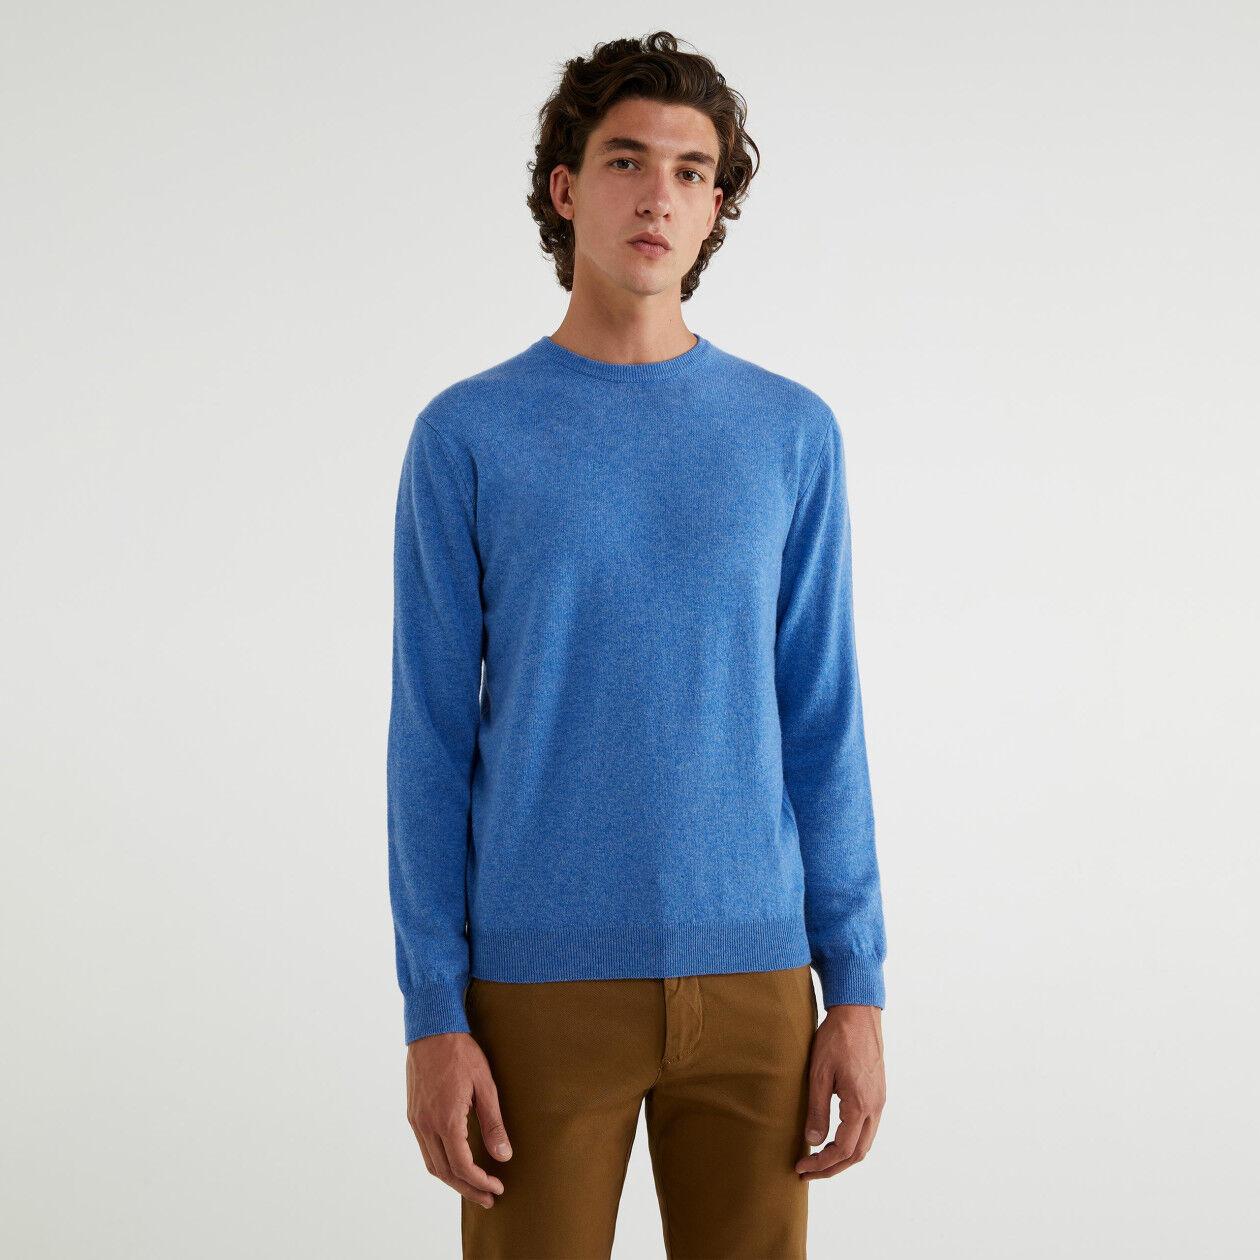 Maglia girocollo 100% lana vergine